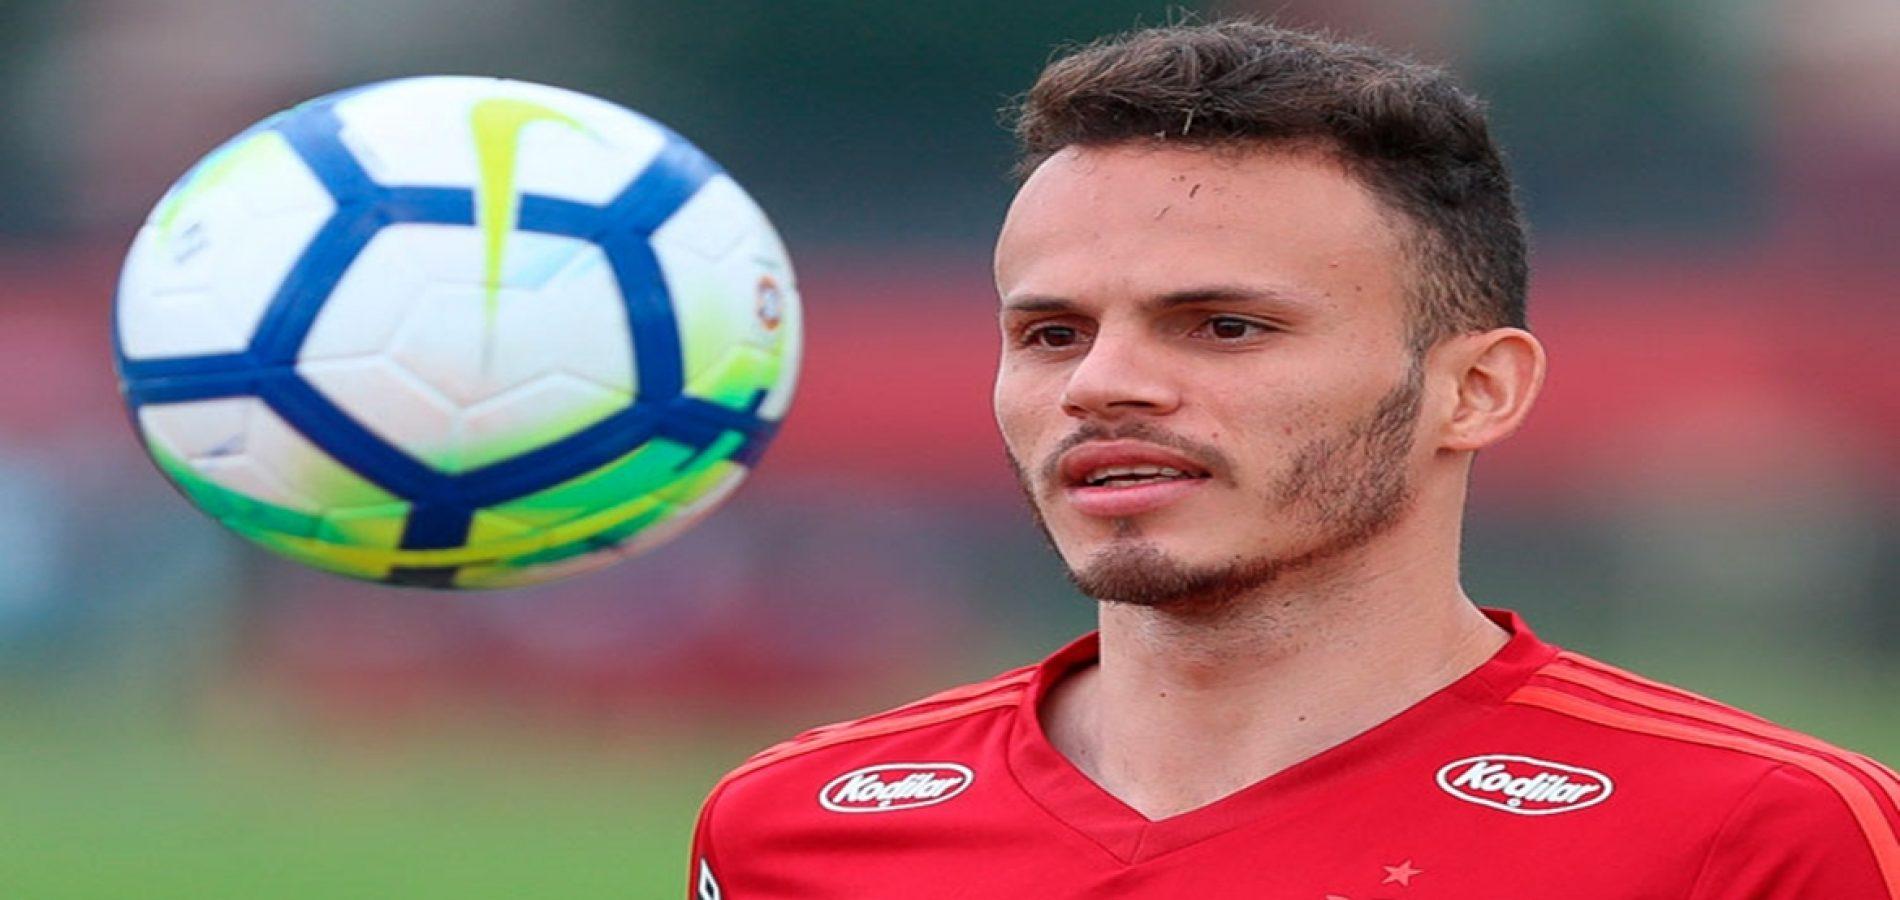 Picoense Renê leva o prêmio de melhor lateral esquerdo do Brasileirão 2018